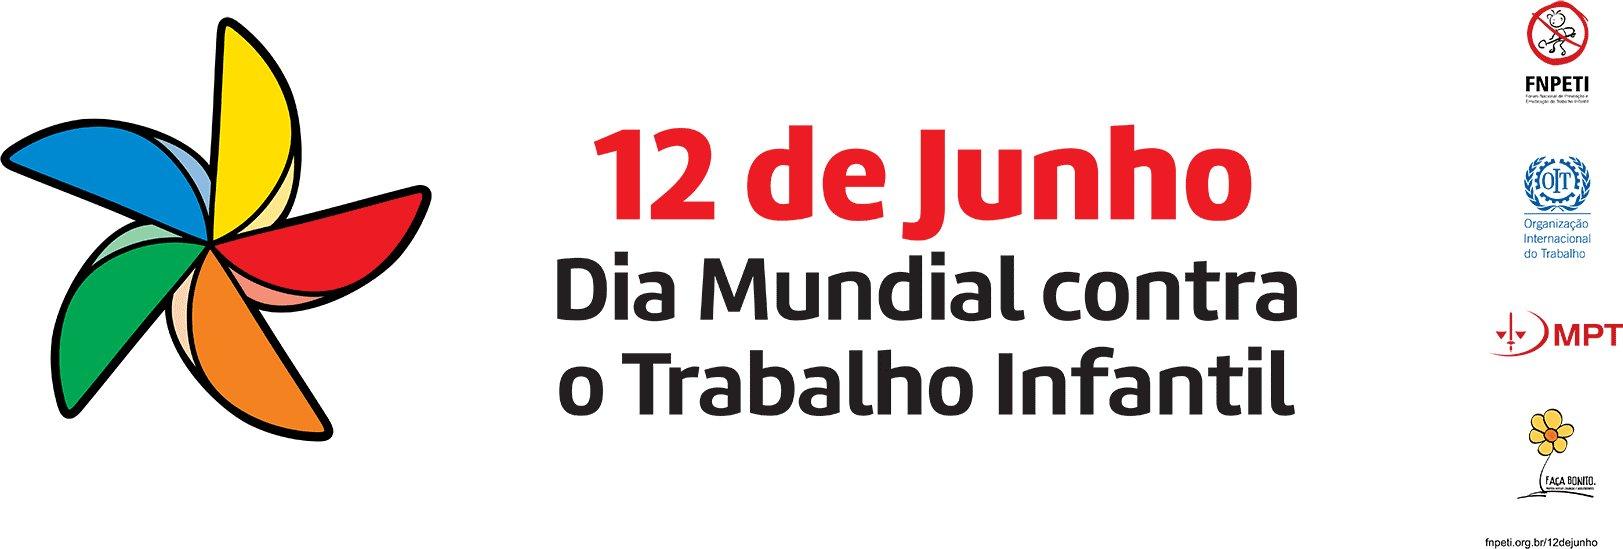 12 de junho: Dia Mundial Contra o Trabalho Infantil